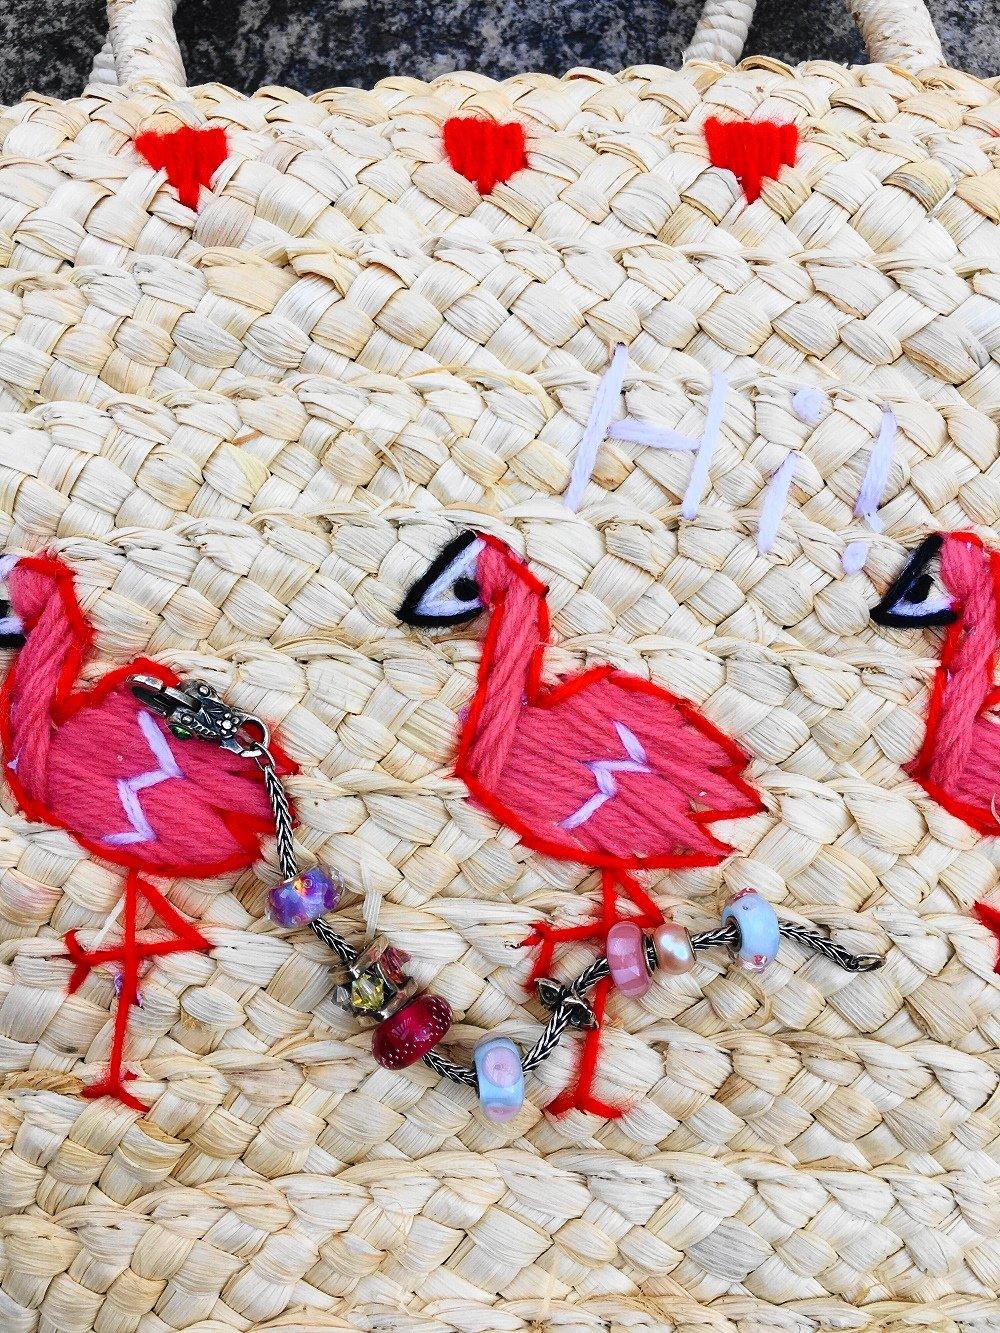 Heute zeige ich euch in meinem Blog einen hübschen Tropical Look mit Palmenprint Rock und mit meiner süßen Flamingo Korbtasche und zeige euch kultige IT Bags